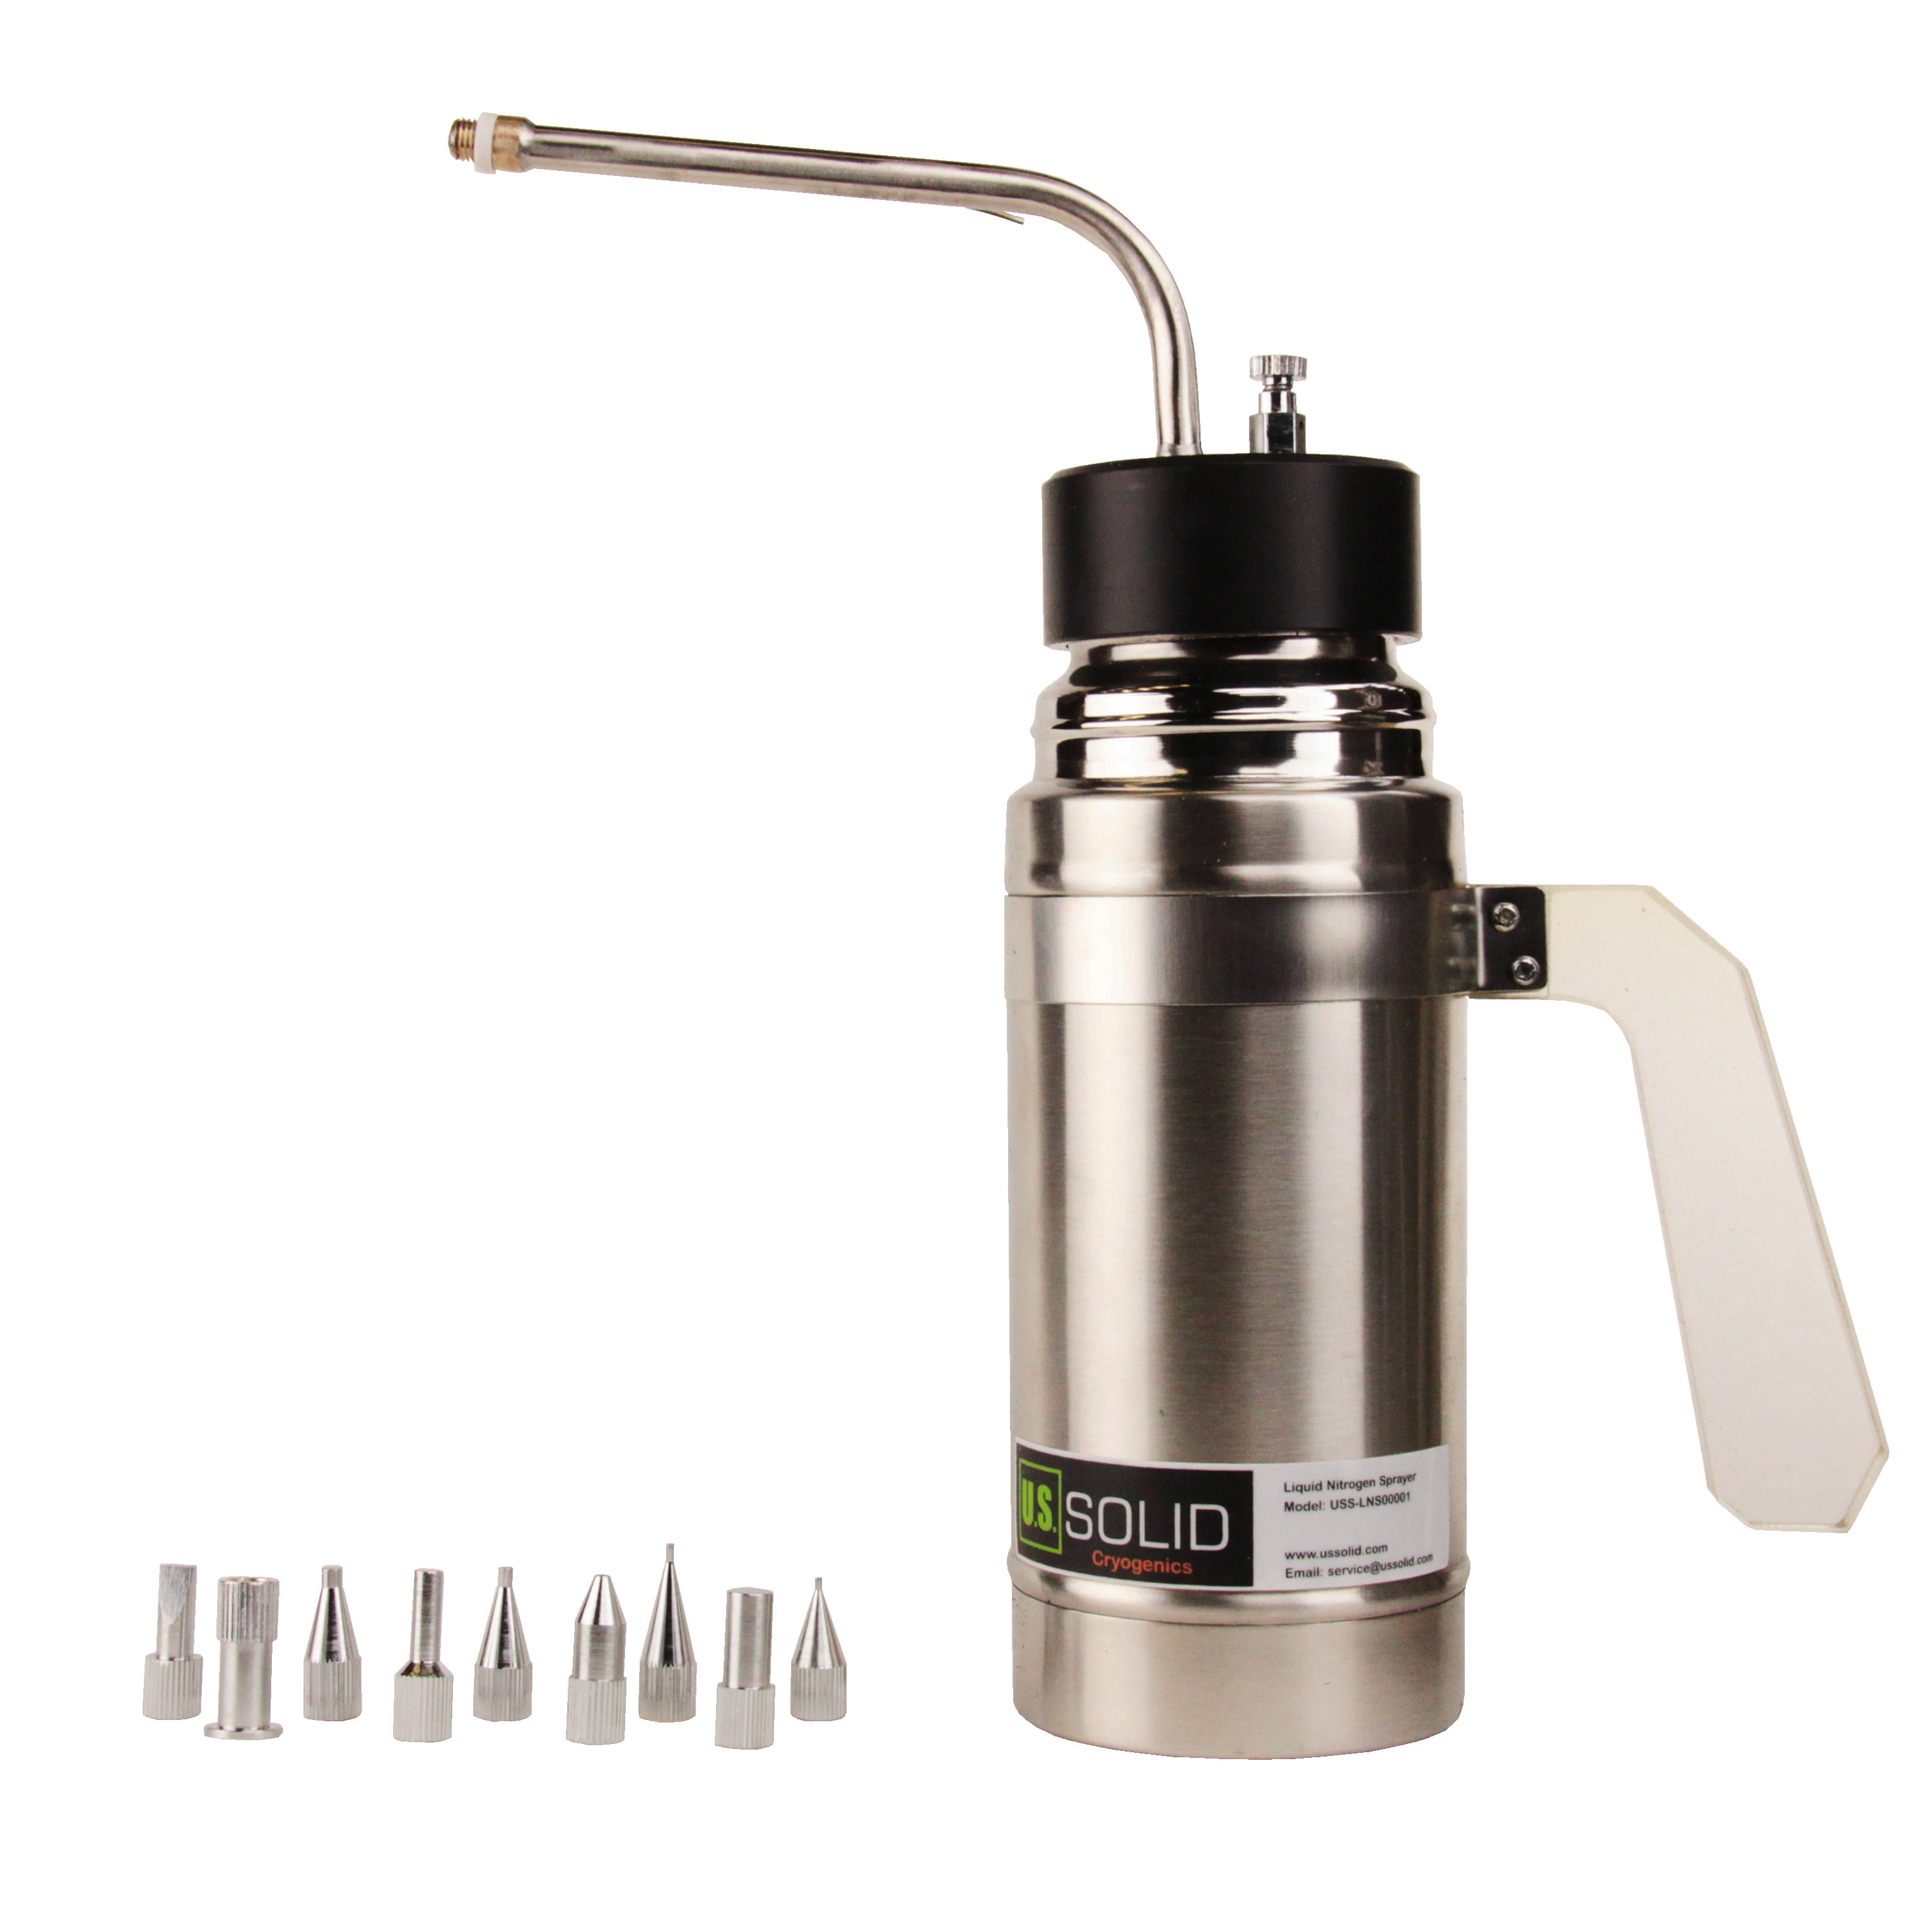 Liquid Nitrogen (LN2) Sprayer Freeze Treatment Instrument Unit 500ml (16oz.) from U.S.... by U.S. SOLID